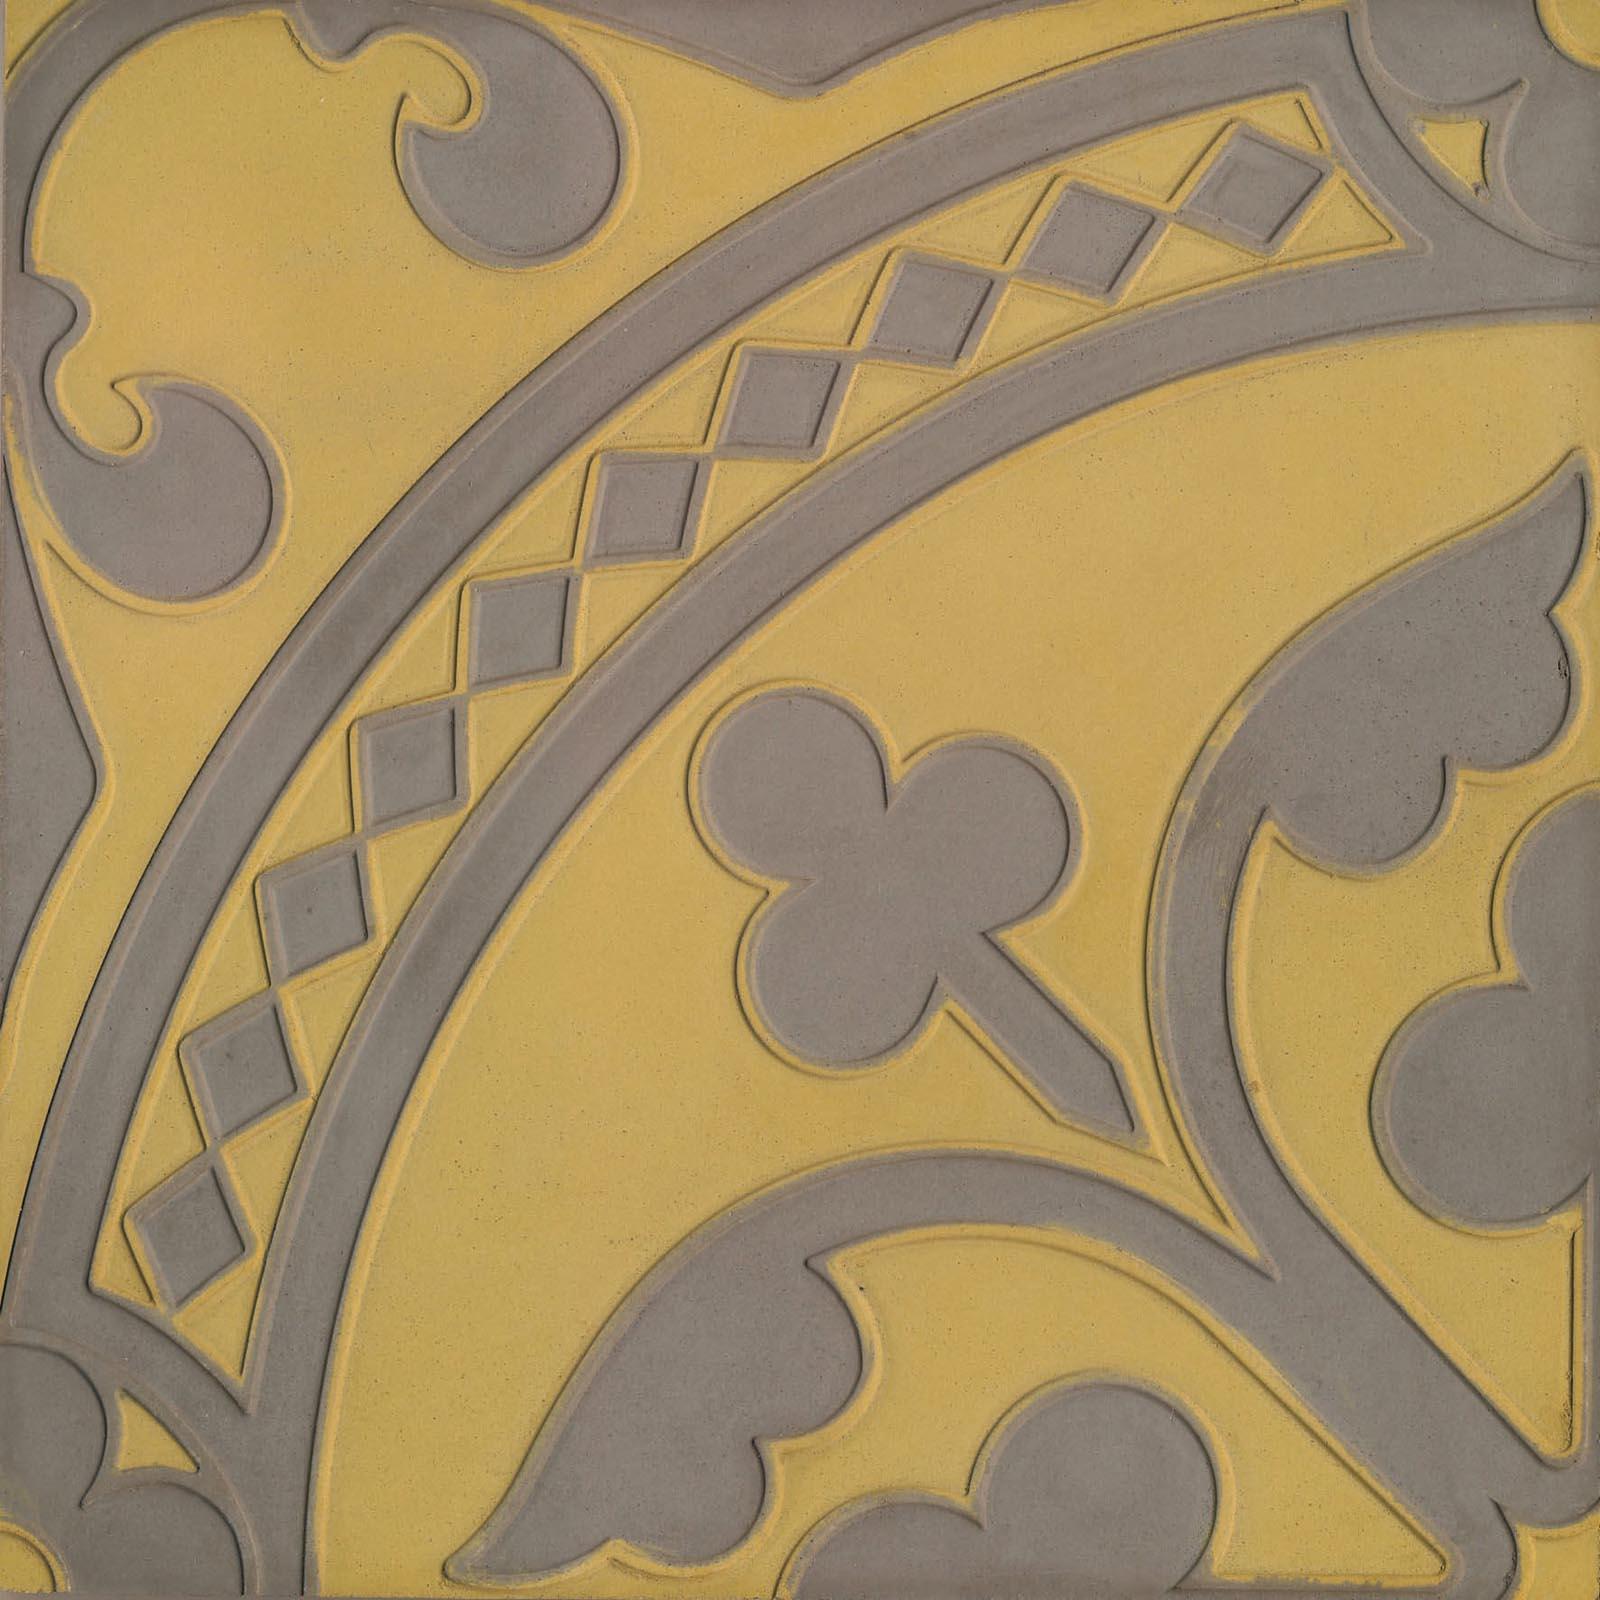 zementmosaikfliesen-nr.51057-viaplatten | 51057/168